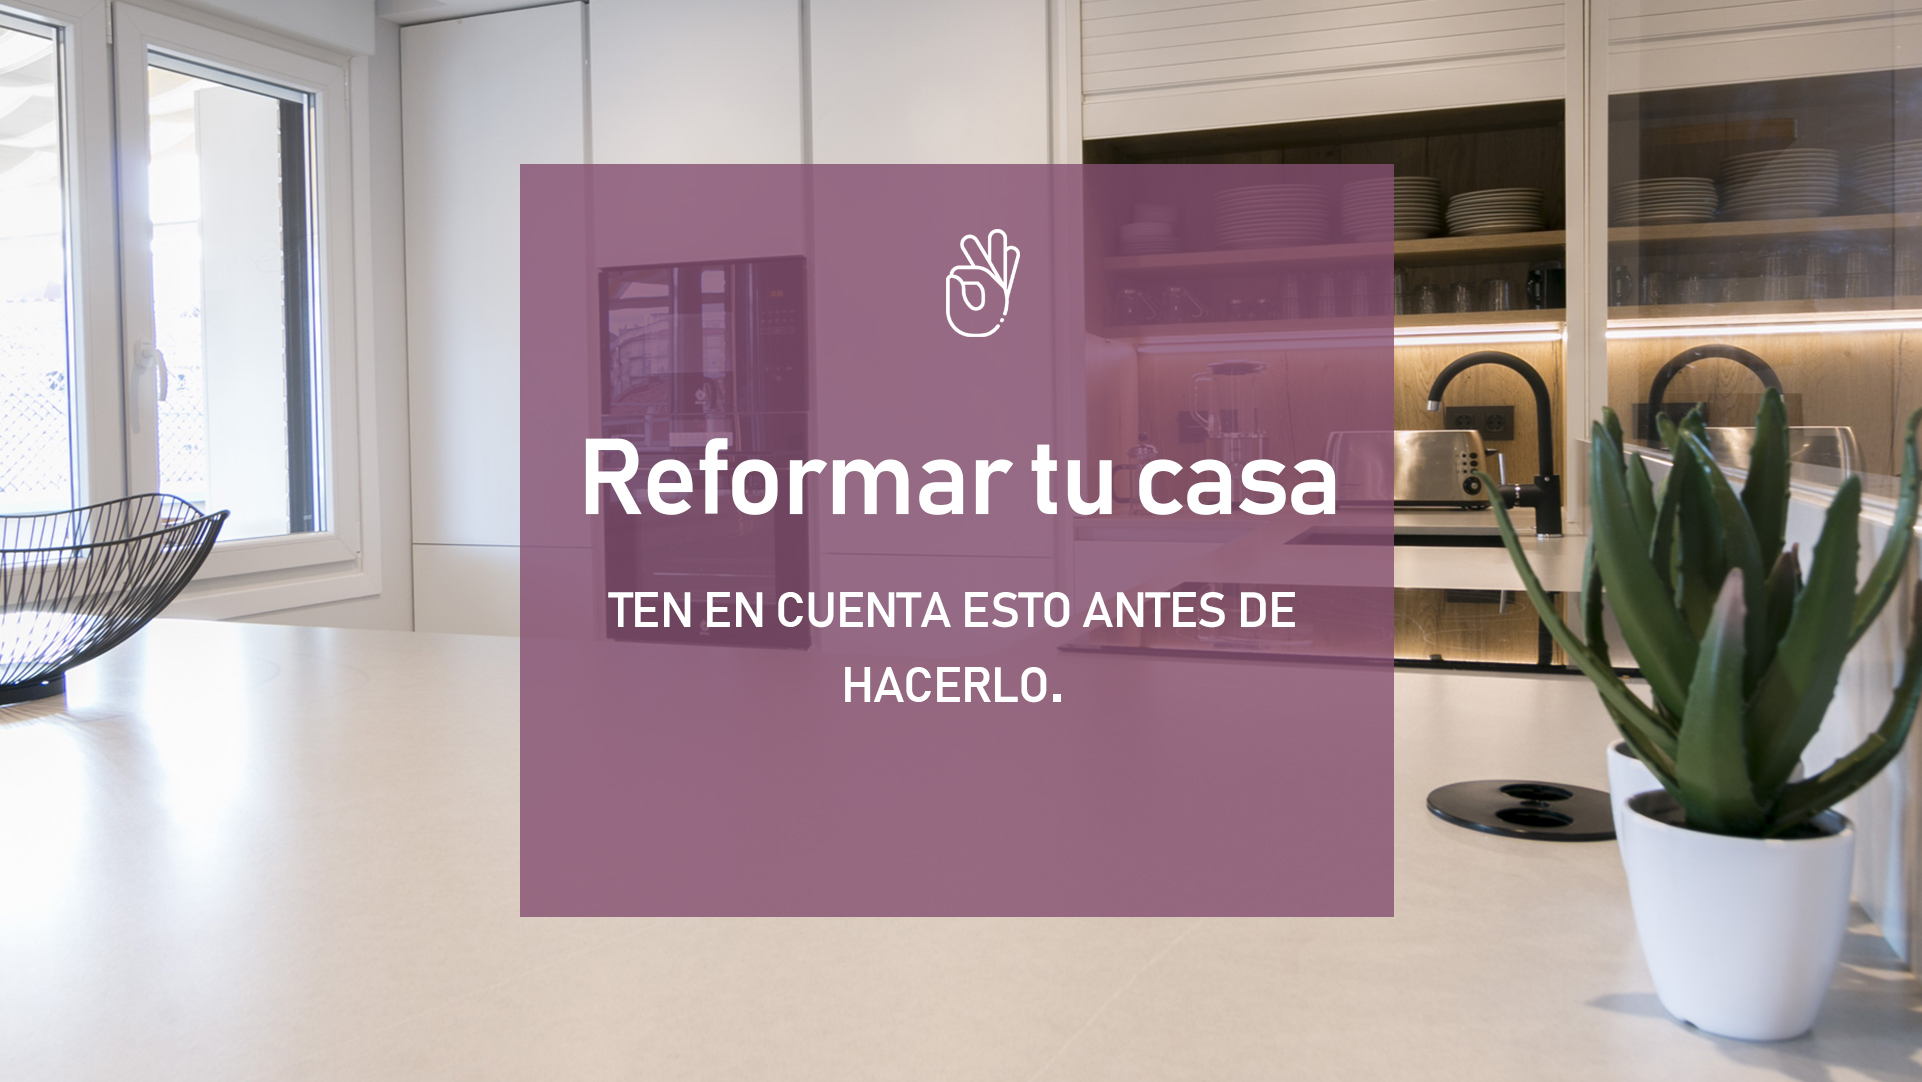 reformar tu casa con reforma pamplona